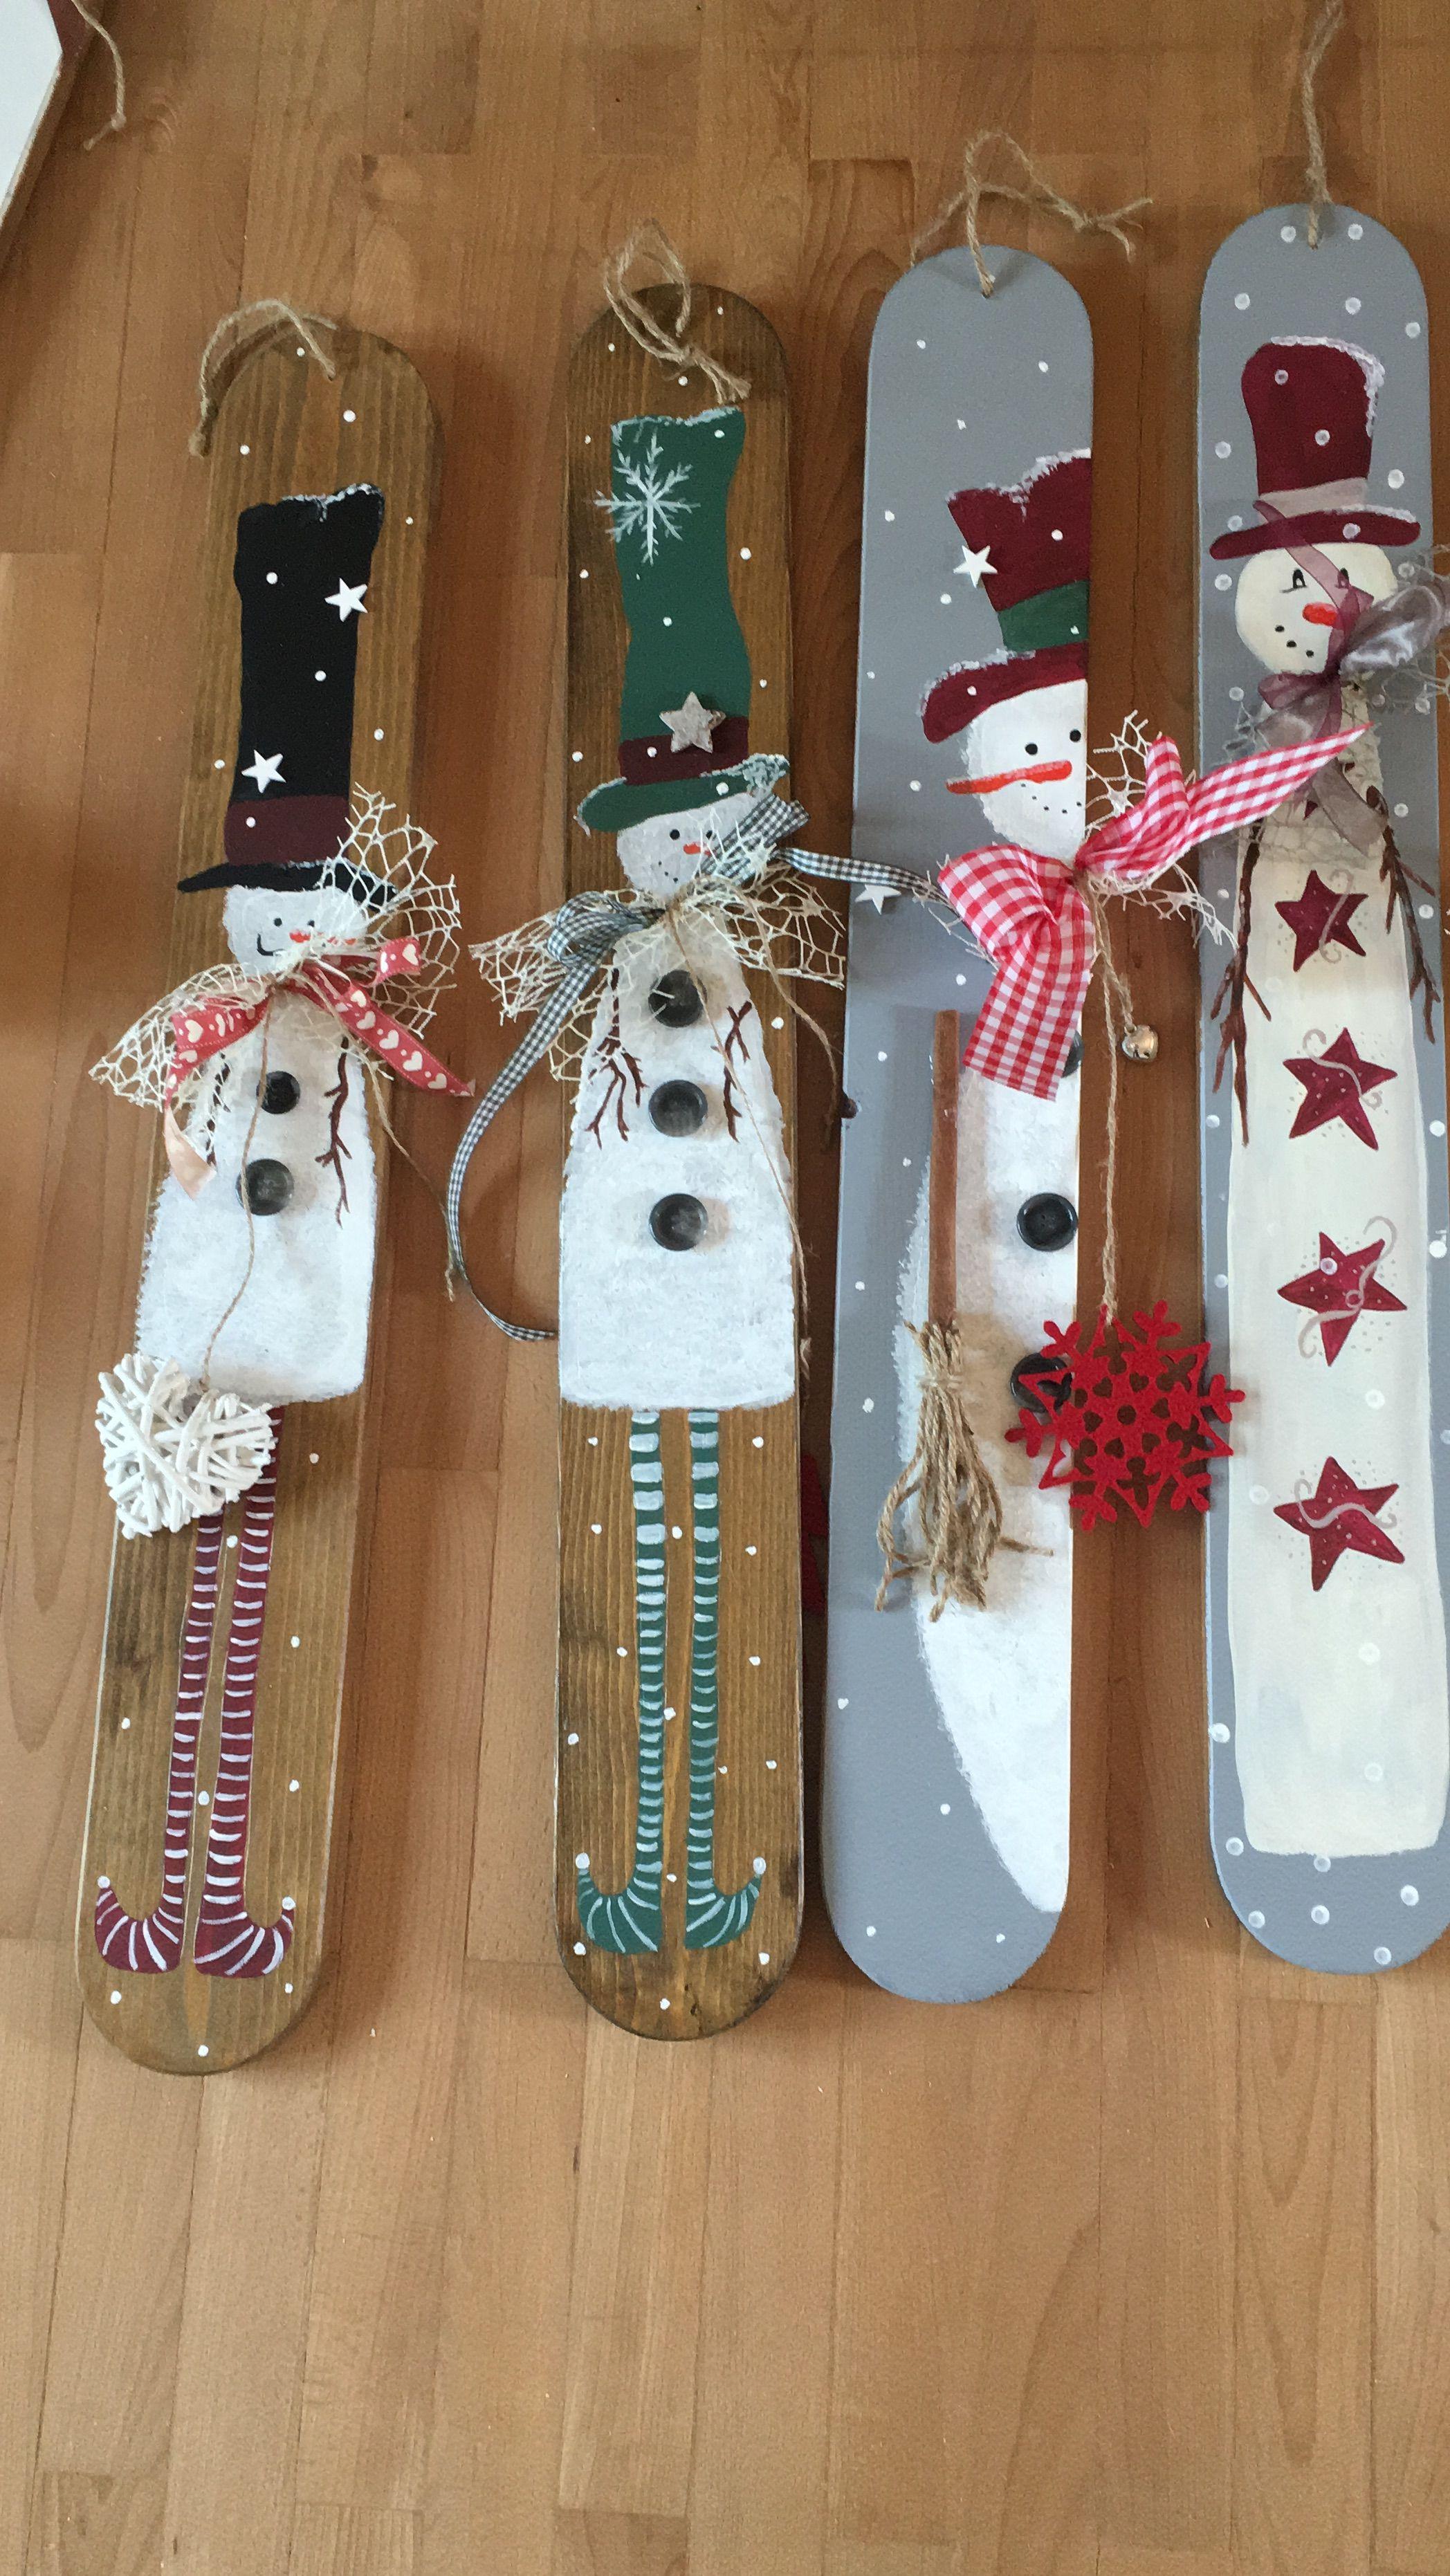 Pin by Jane Savage on Christmas stuff. | Christmas ...